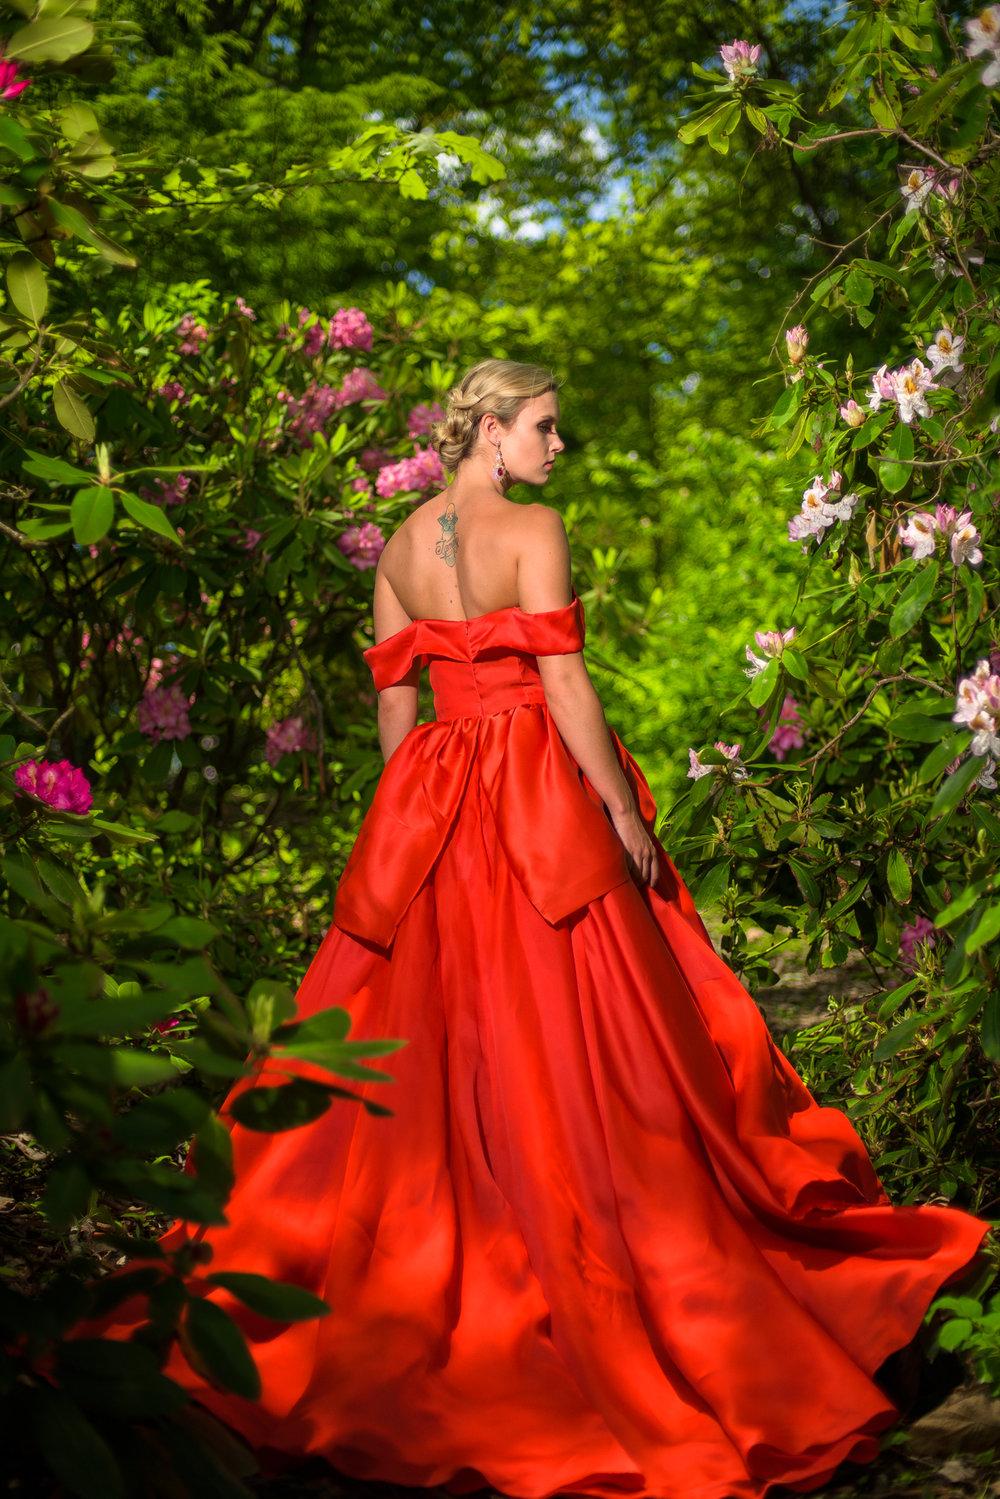 Fashion_1-84981.jpg